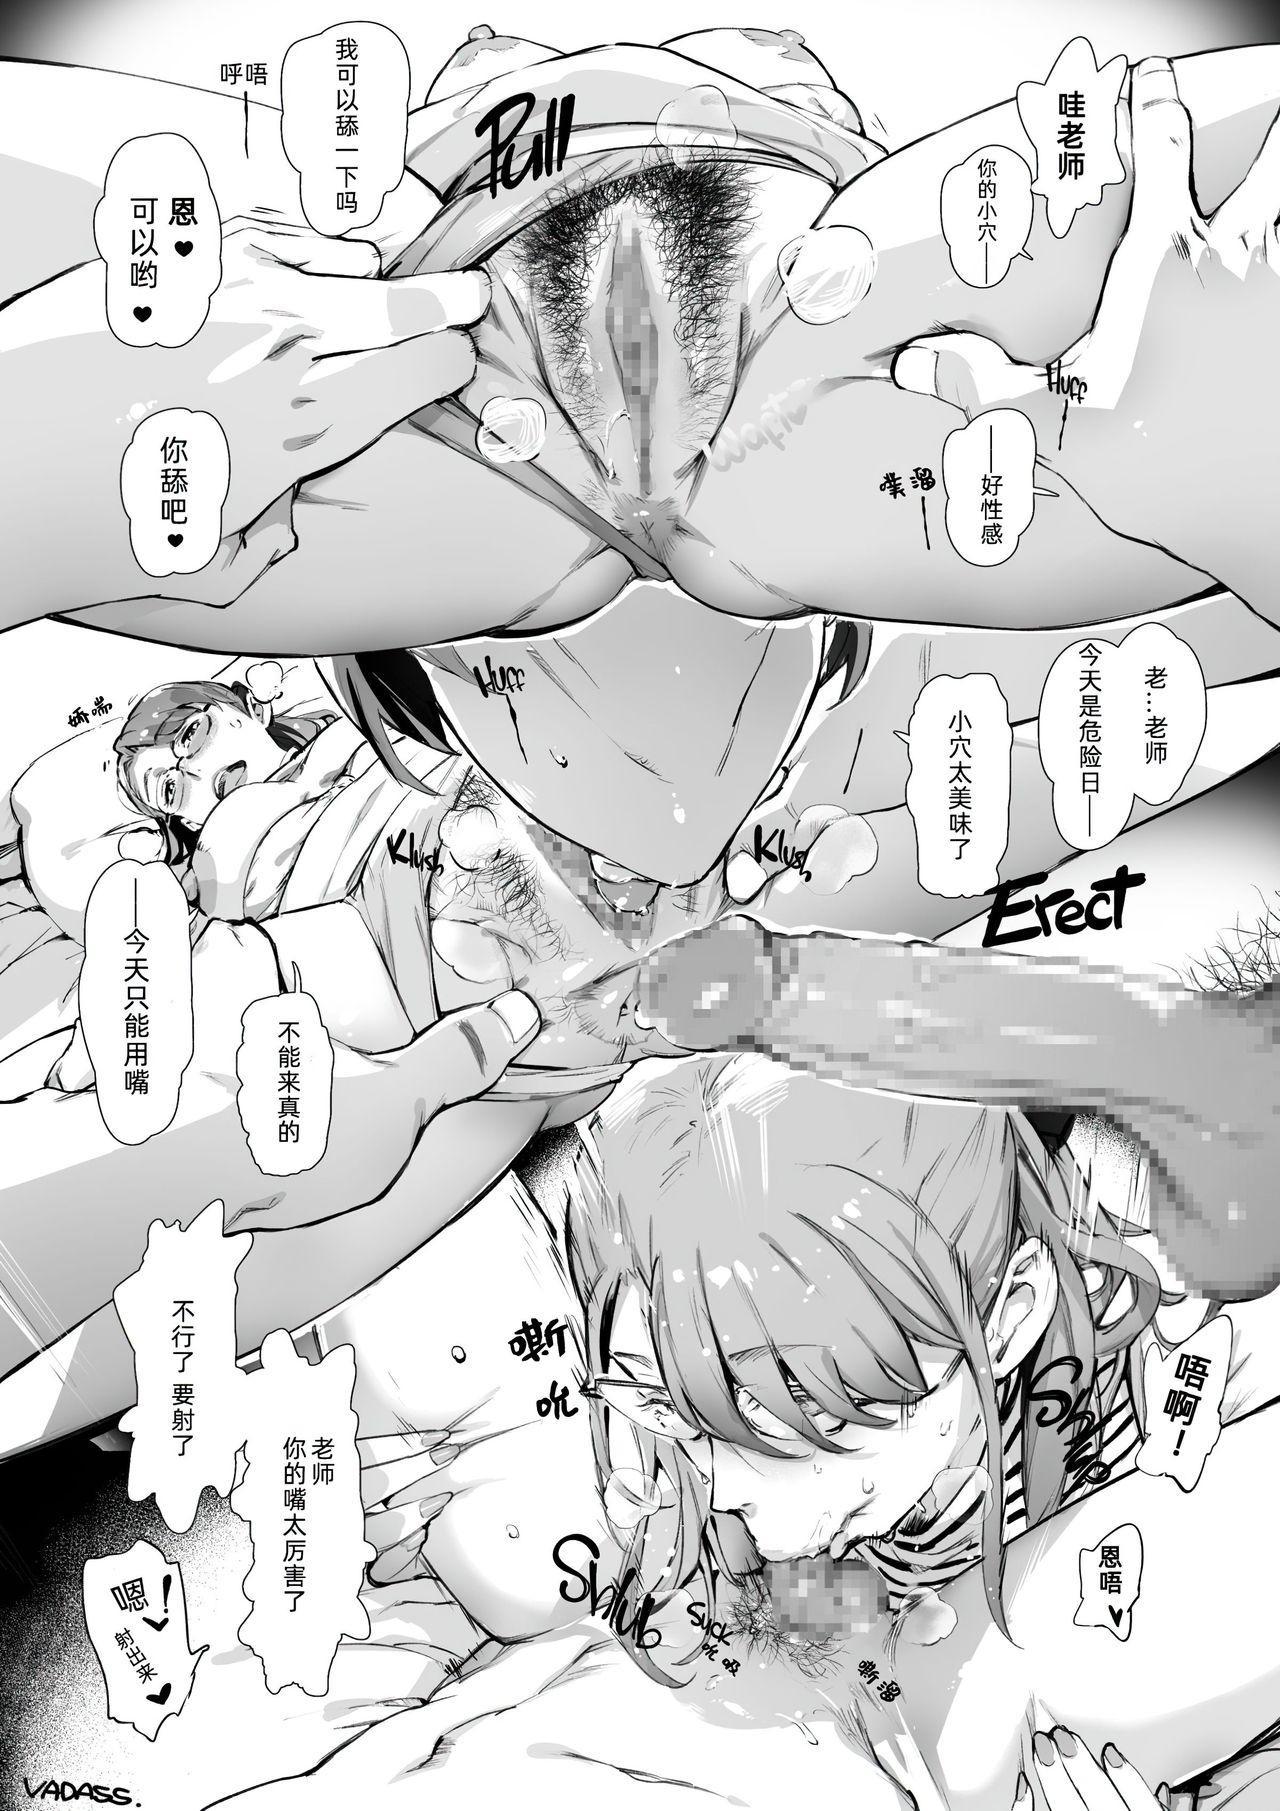 人妻かなえさん fanita 短篇漫合集 21